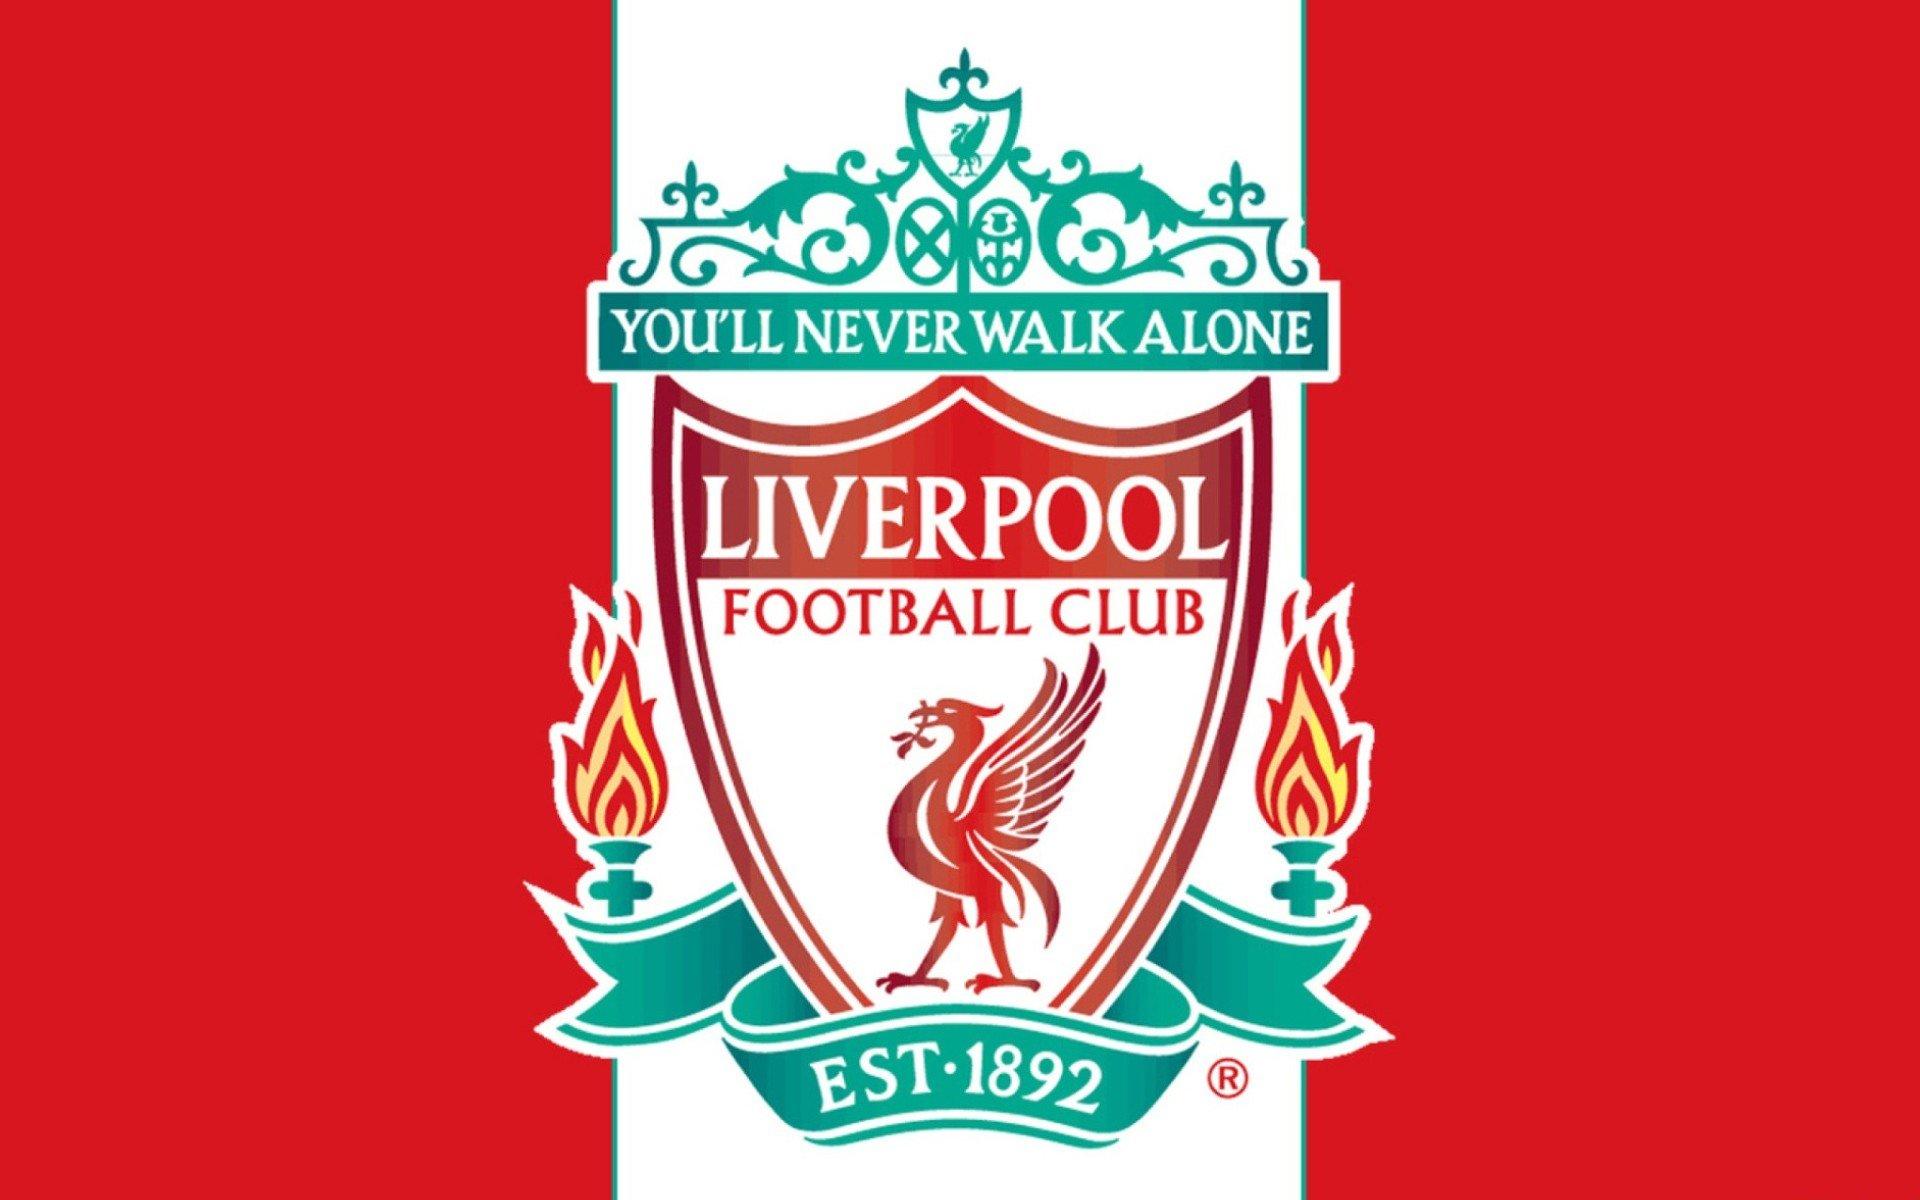 Liverpool F C Wallpapers 1920x1200 Desktop Backgrounds